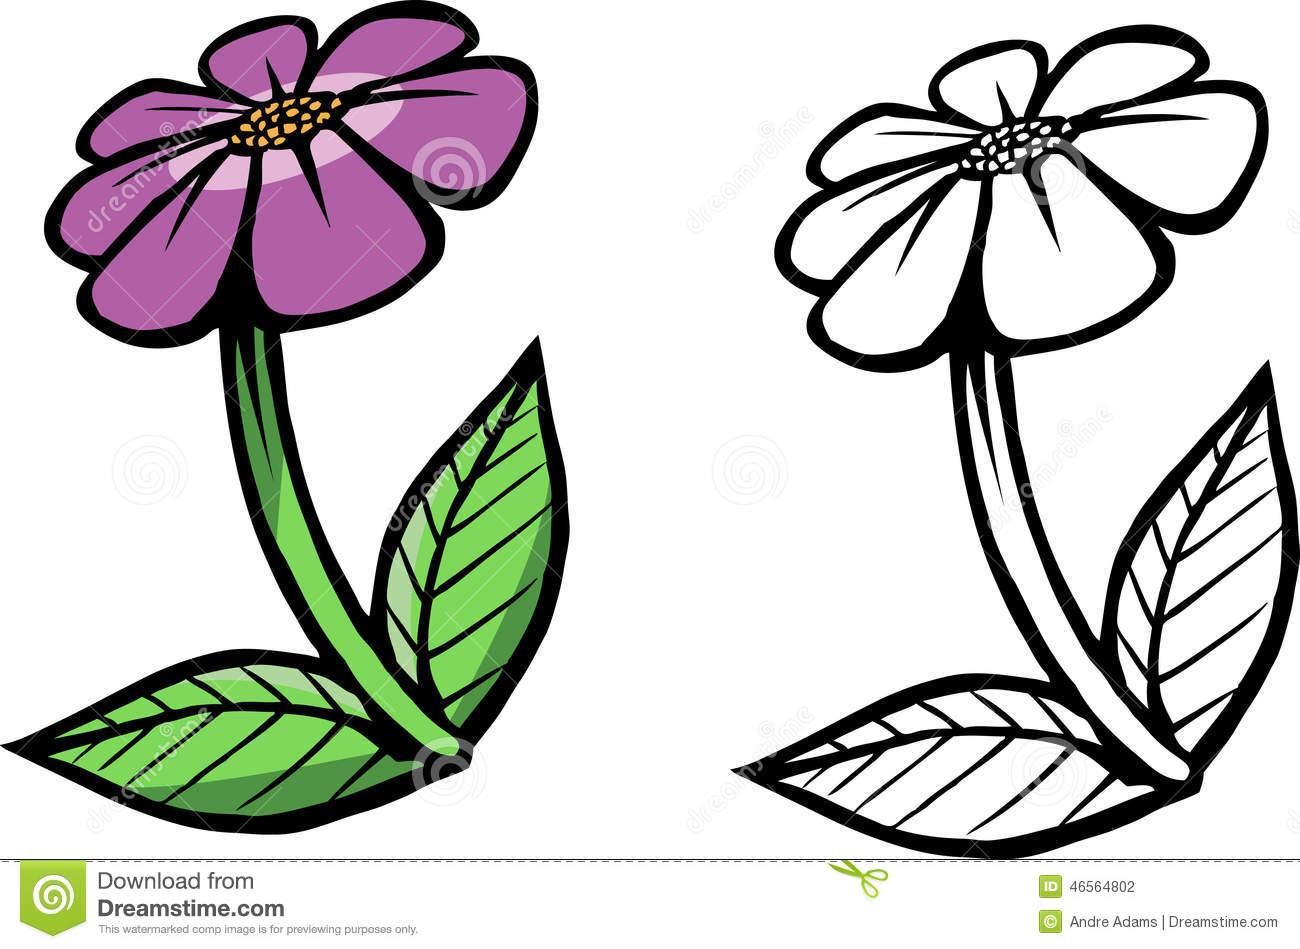 Purple Flower coloring #1, Download drawings